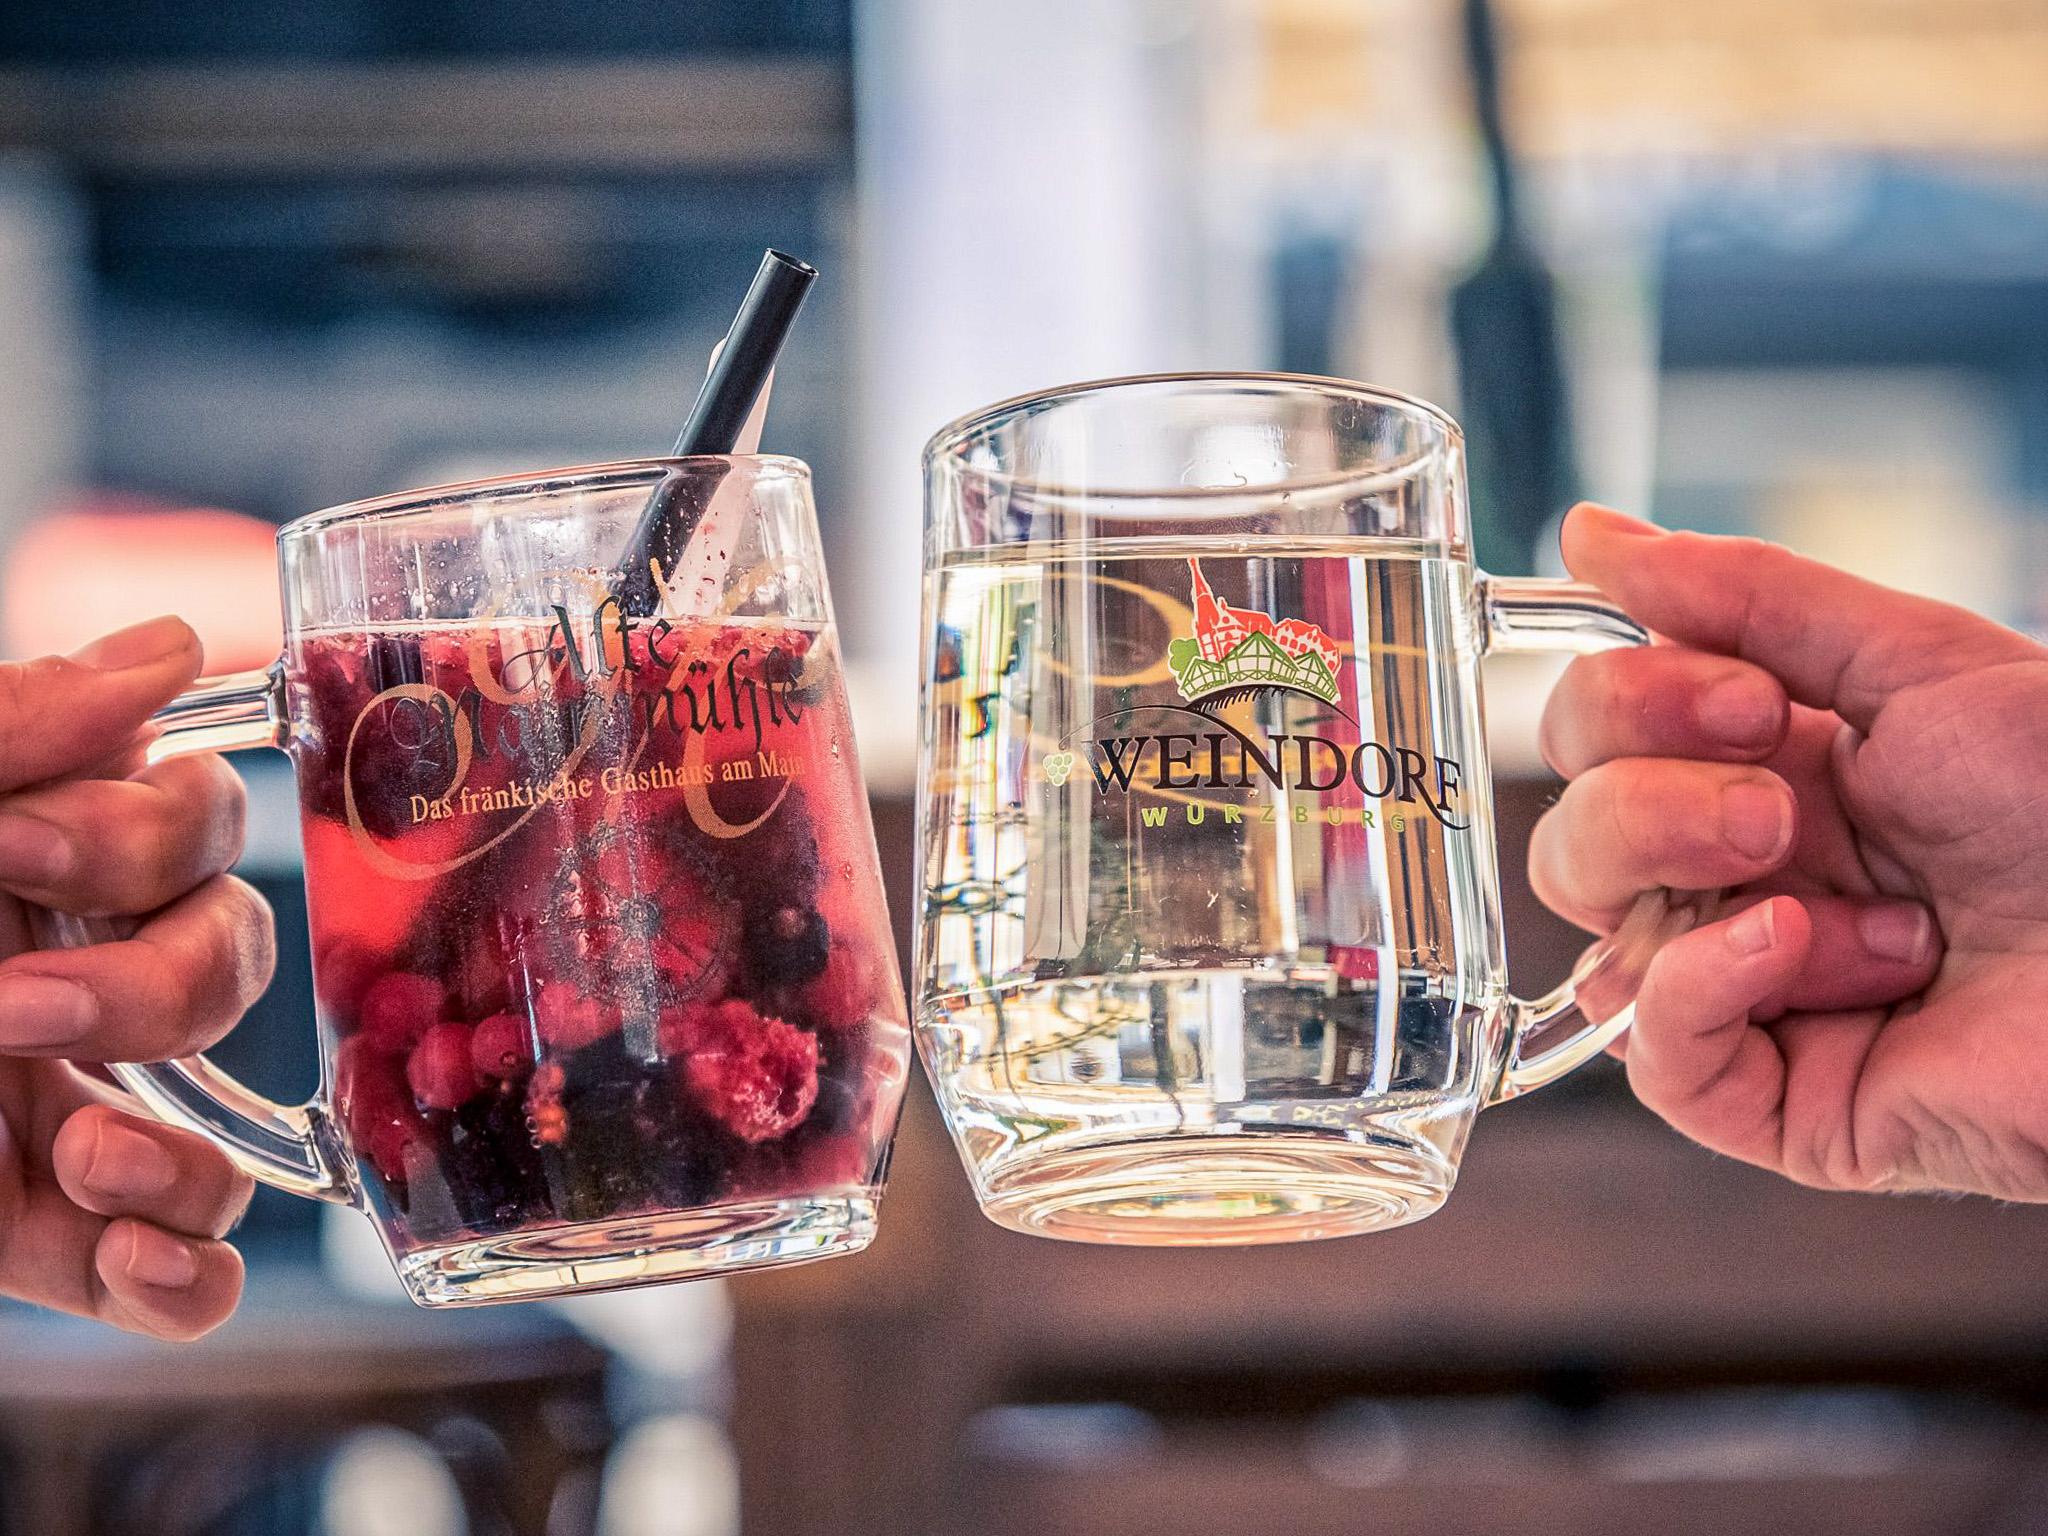 Besten Wein auf dem Würzburger Weindorf genießen. Foto: Pascal Höfig